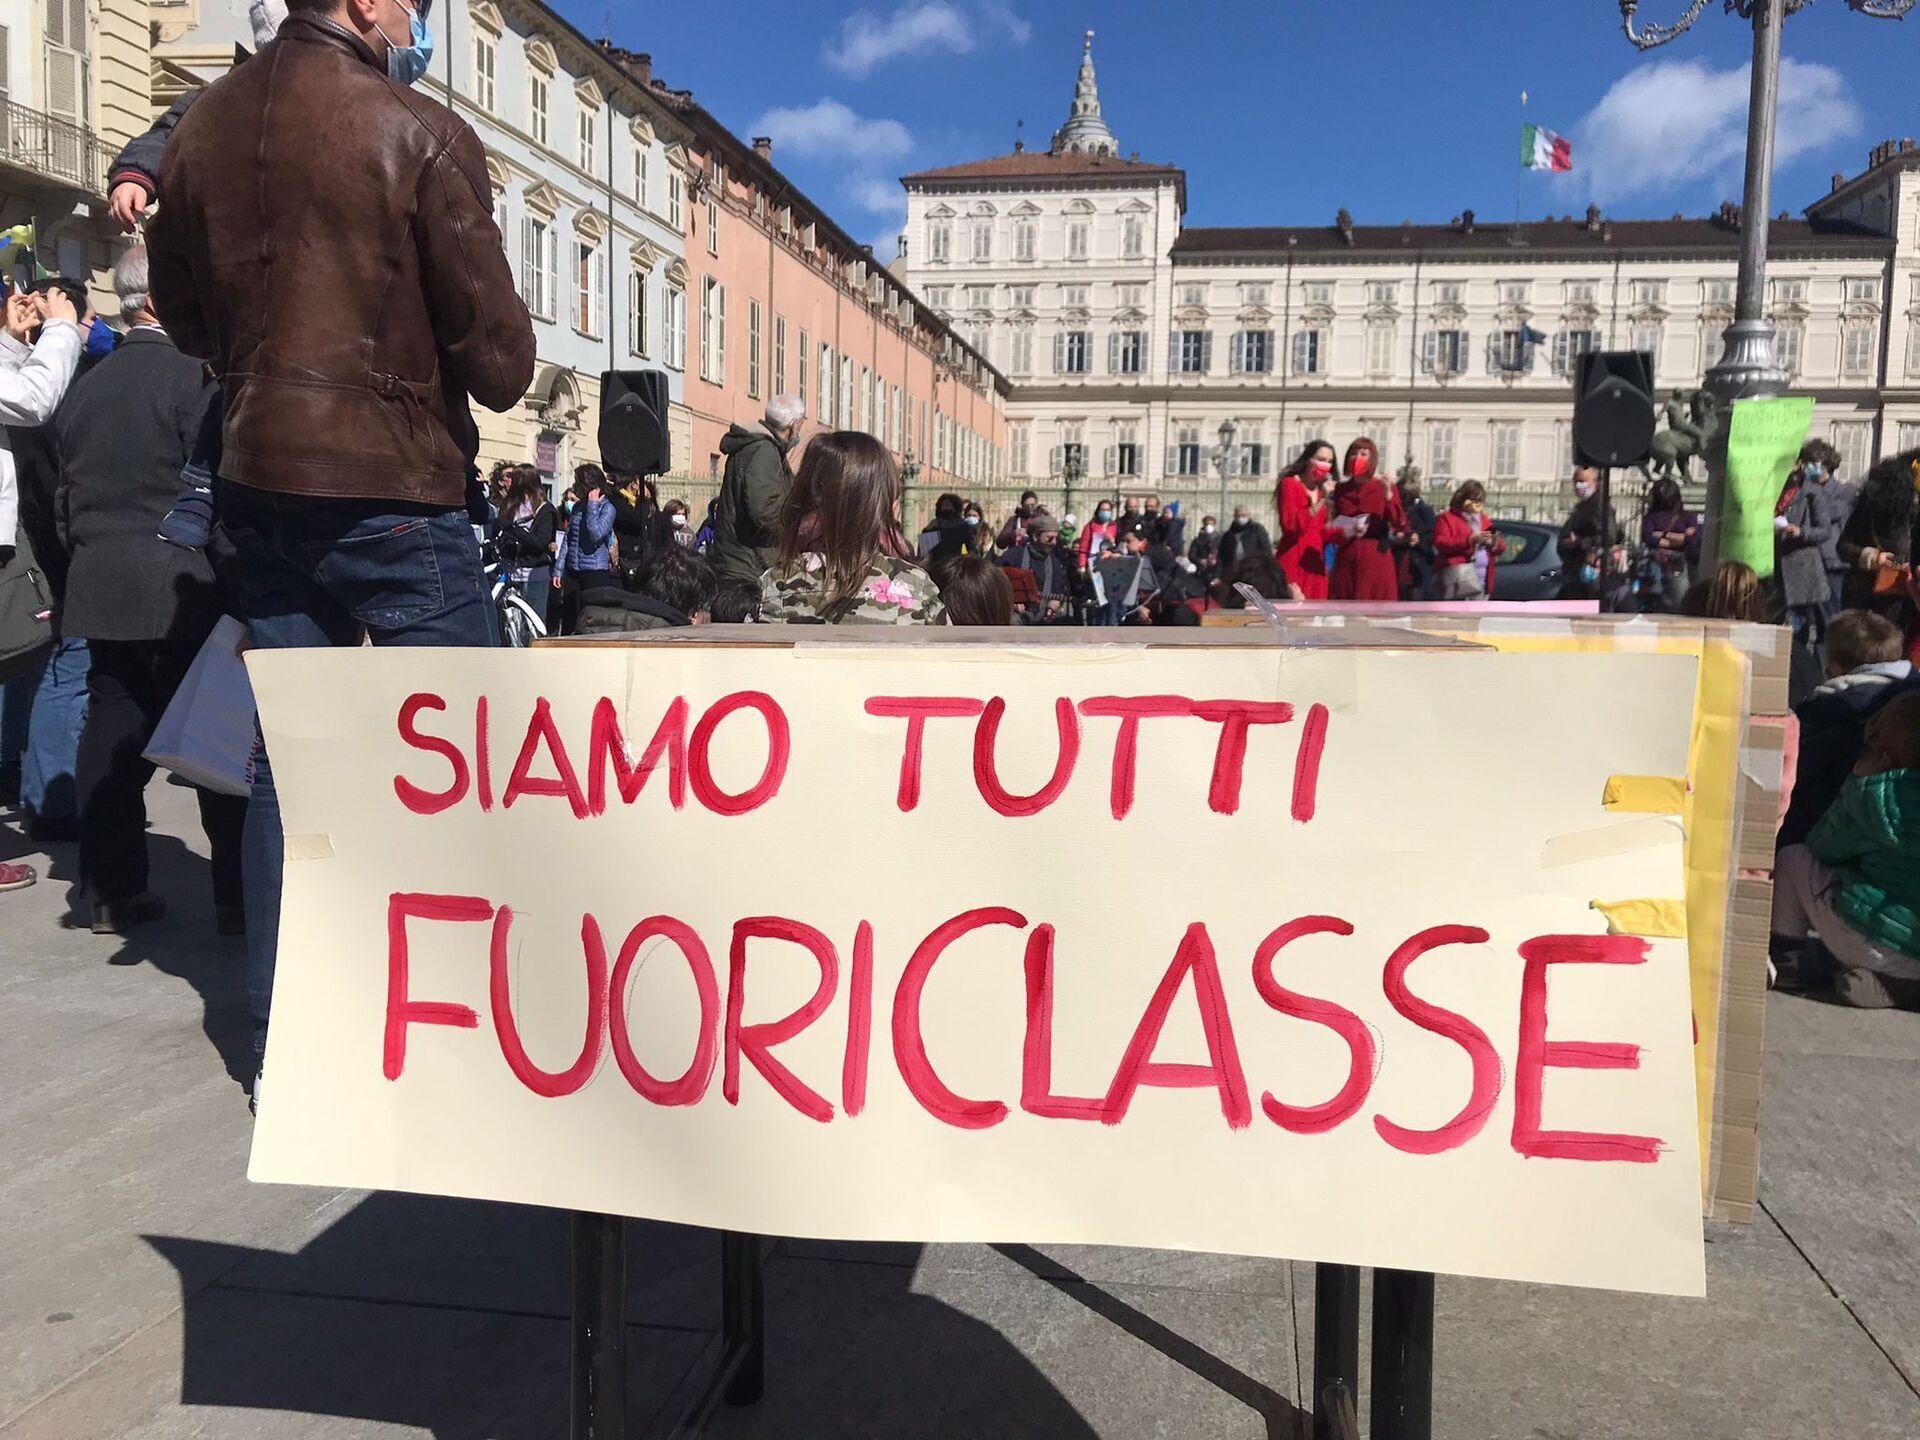 Priorità alla scuola, sit-in nelle piazze contro la nuova chiusura - Sputnik Italia, 1920, 14.03.2021